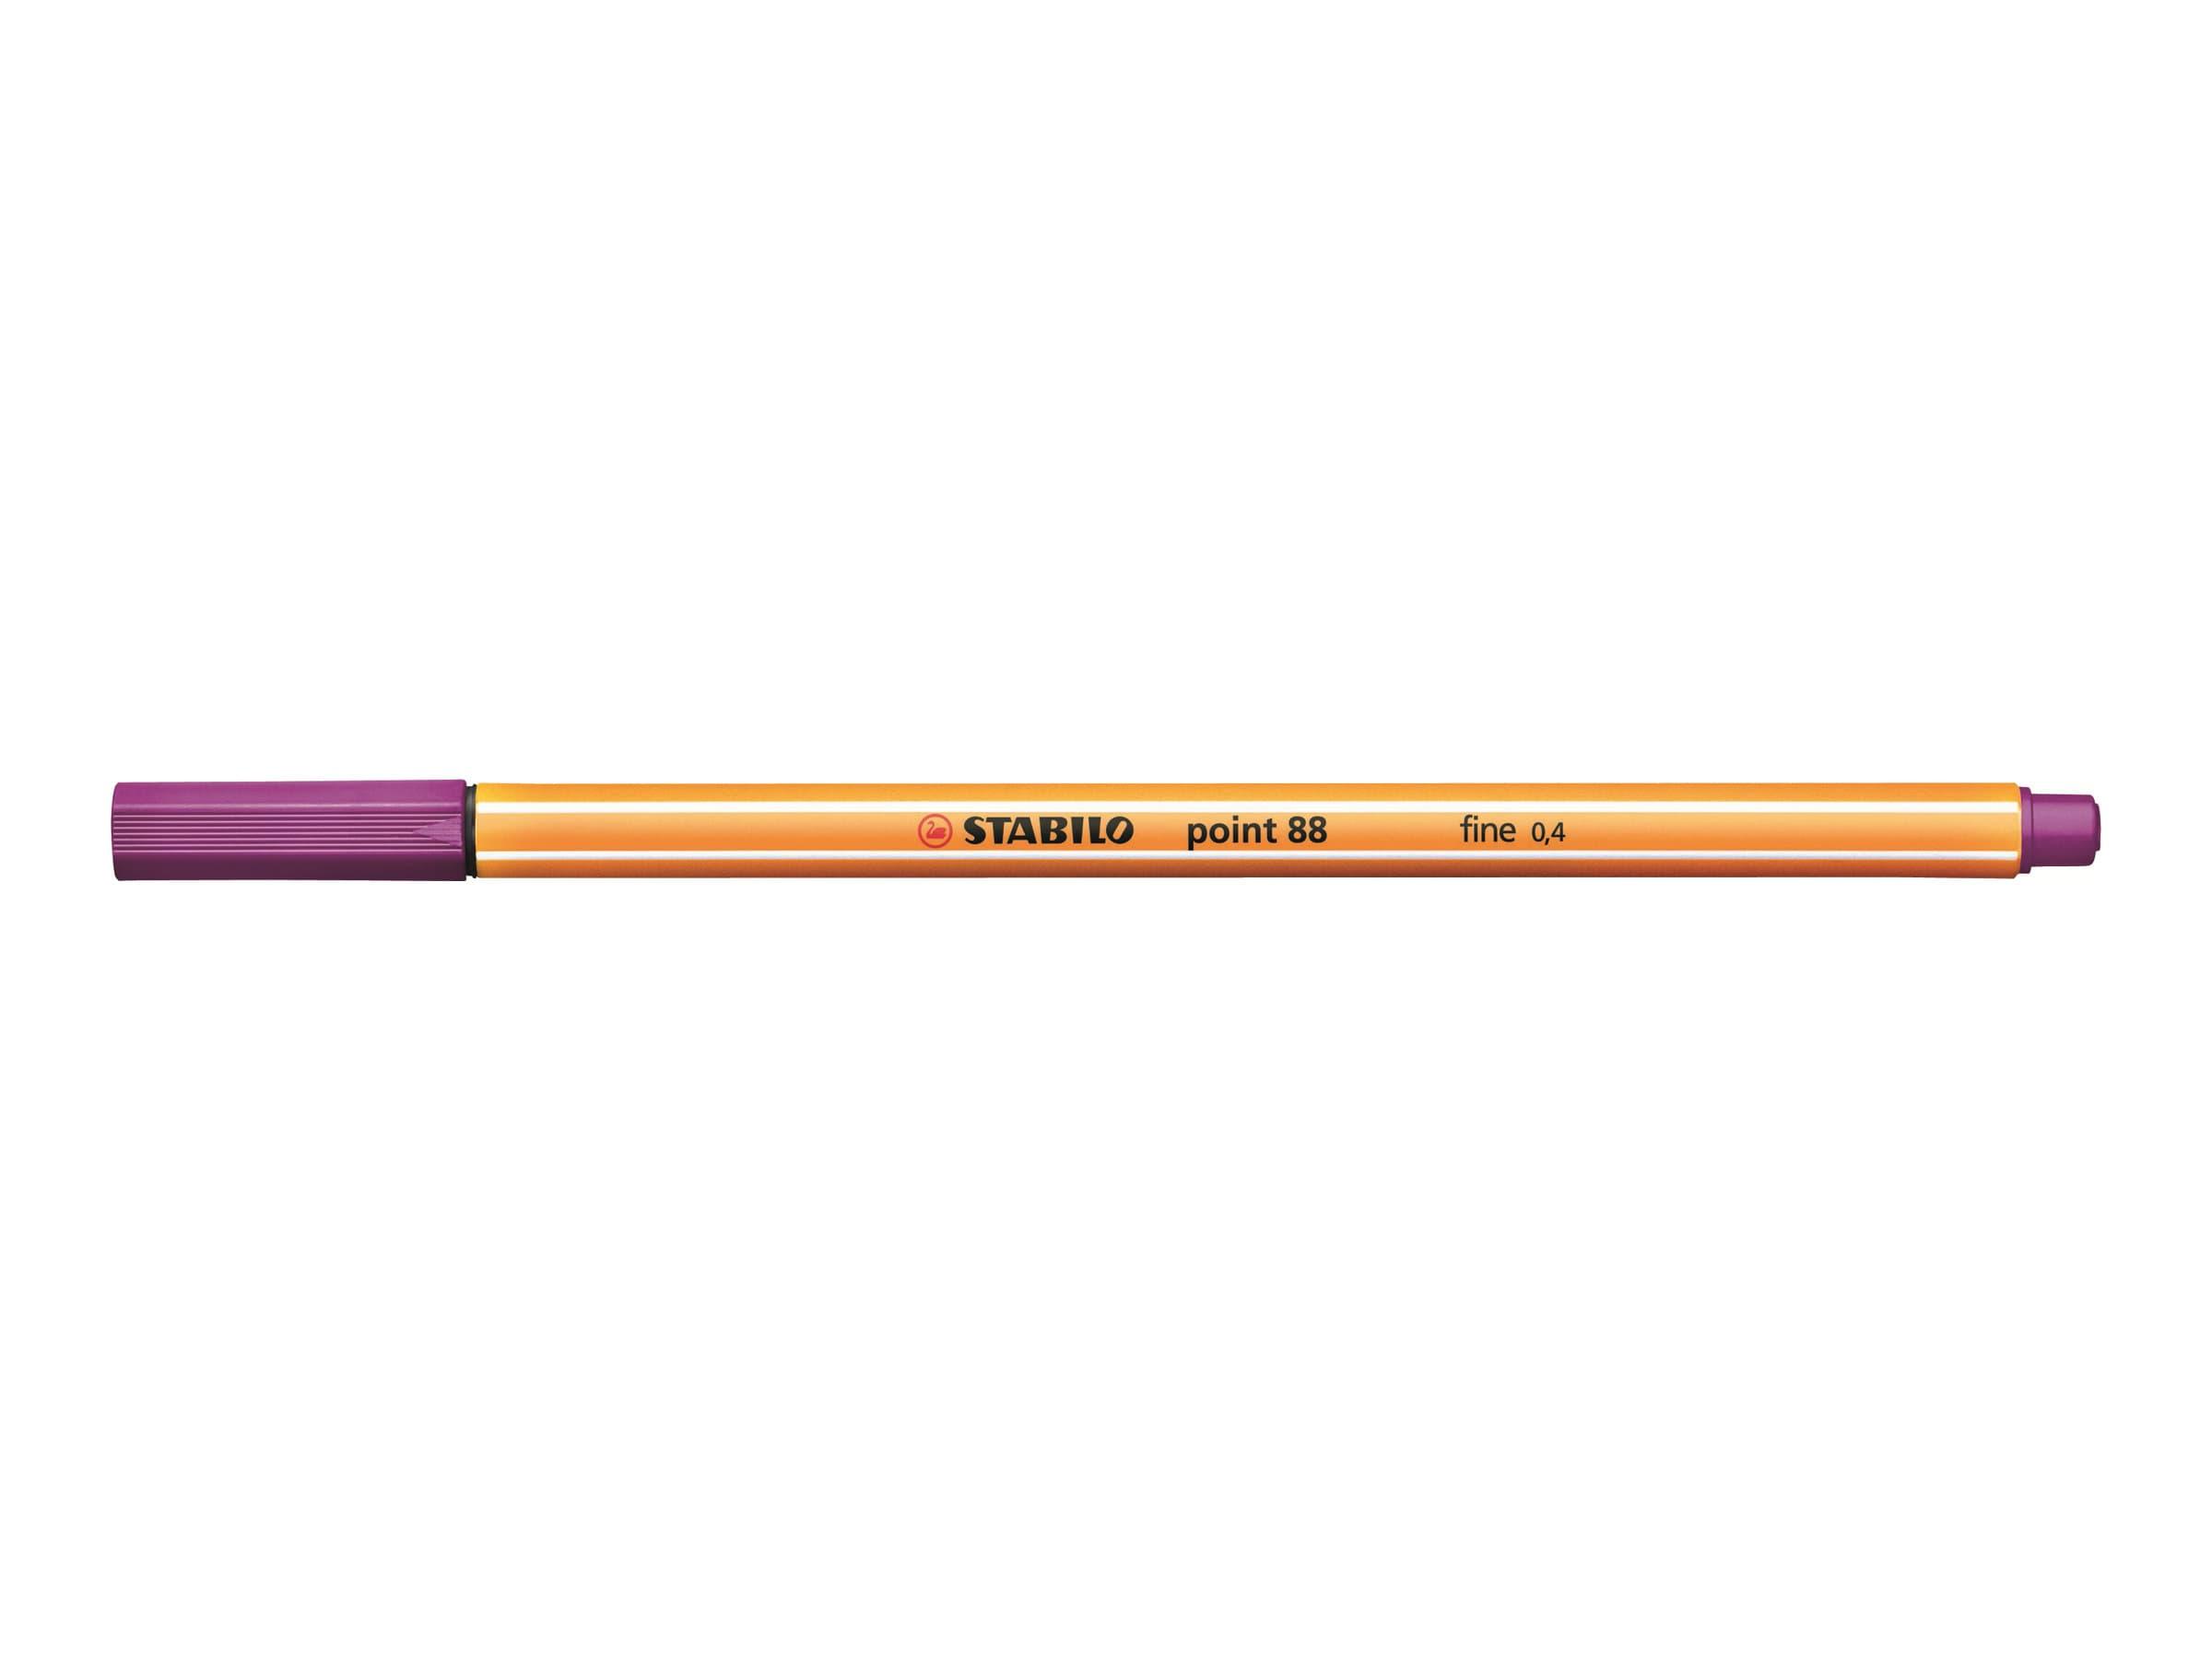 STABILO point 88 - Feutre fin - 0.4 mm - lilas